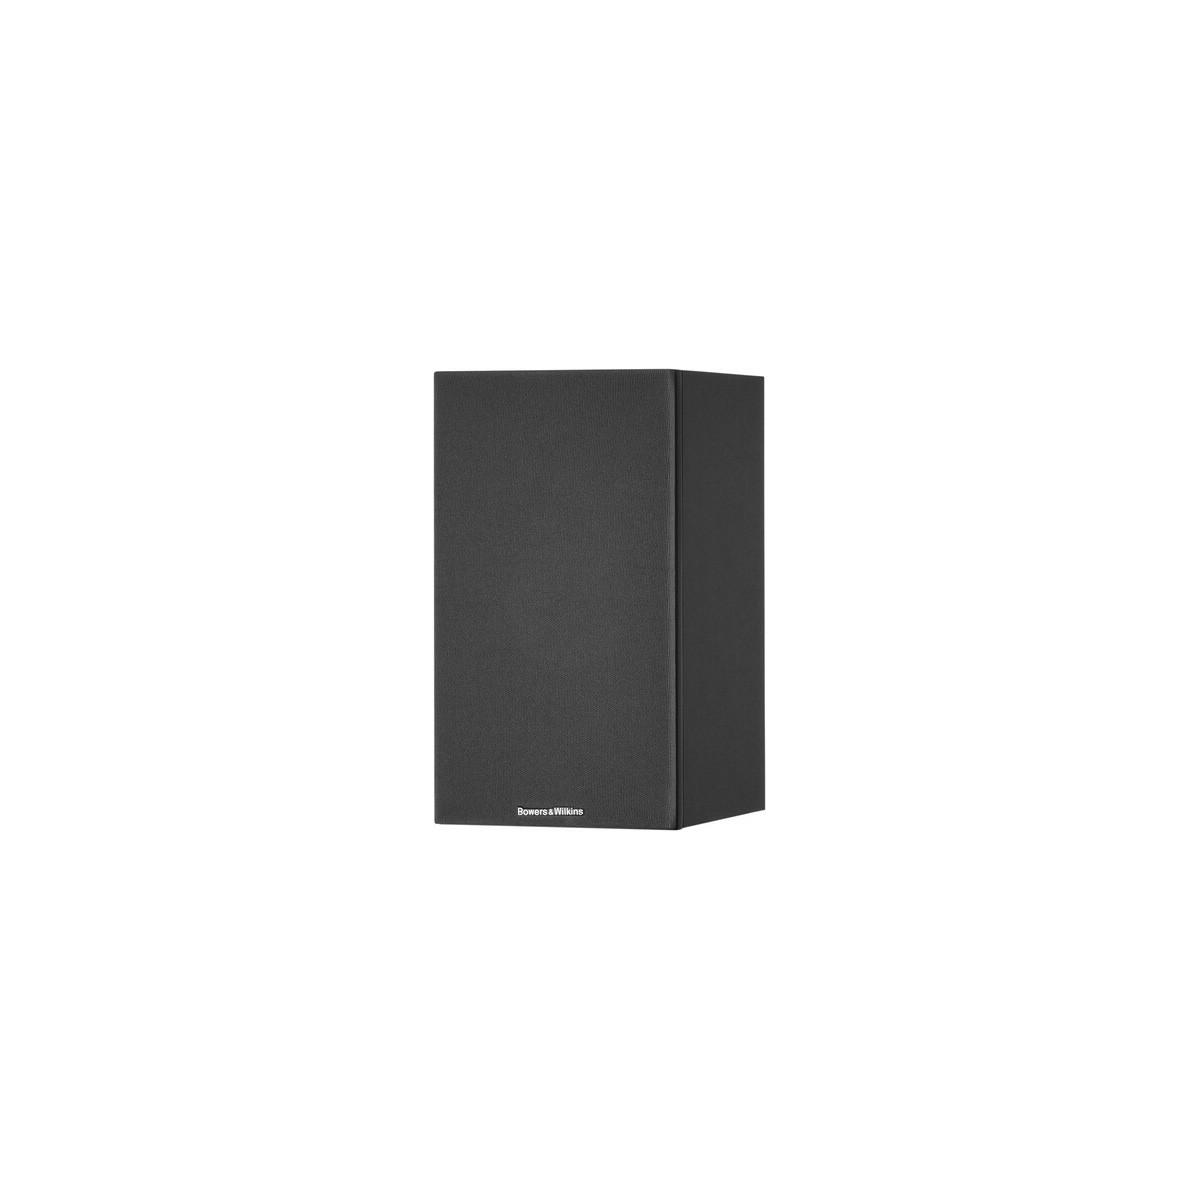 Kompaktlautsprecher 607 S2 Anniversary Edition (Paarpreis)